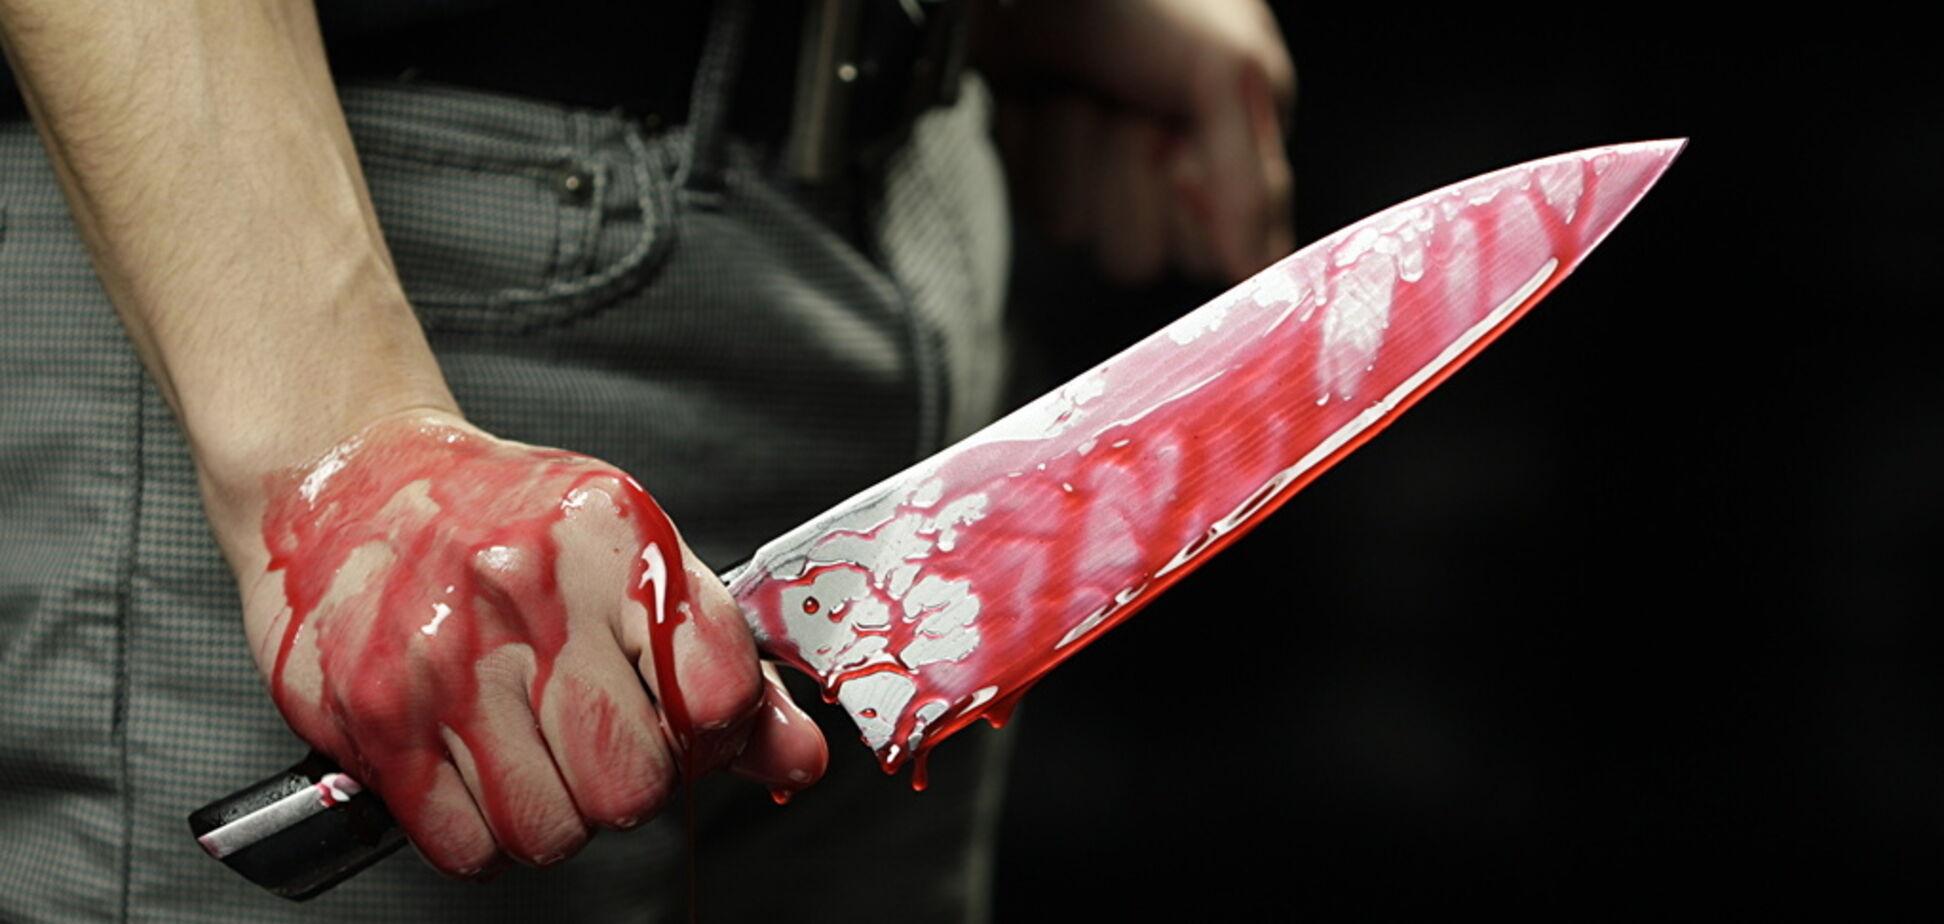 Весь асфальт в крові: в Дніпрі ВДВшнику розпороли горло. Відео з місця